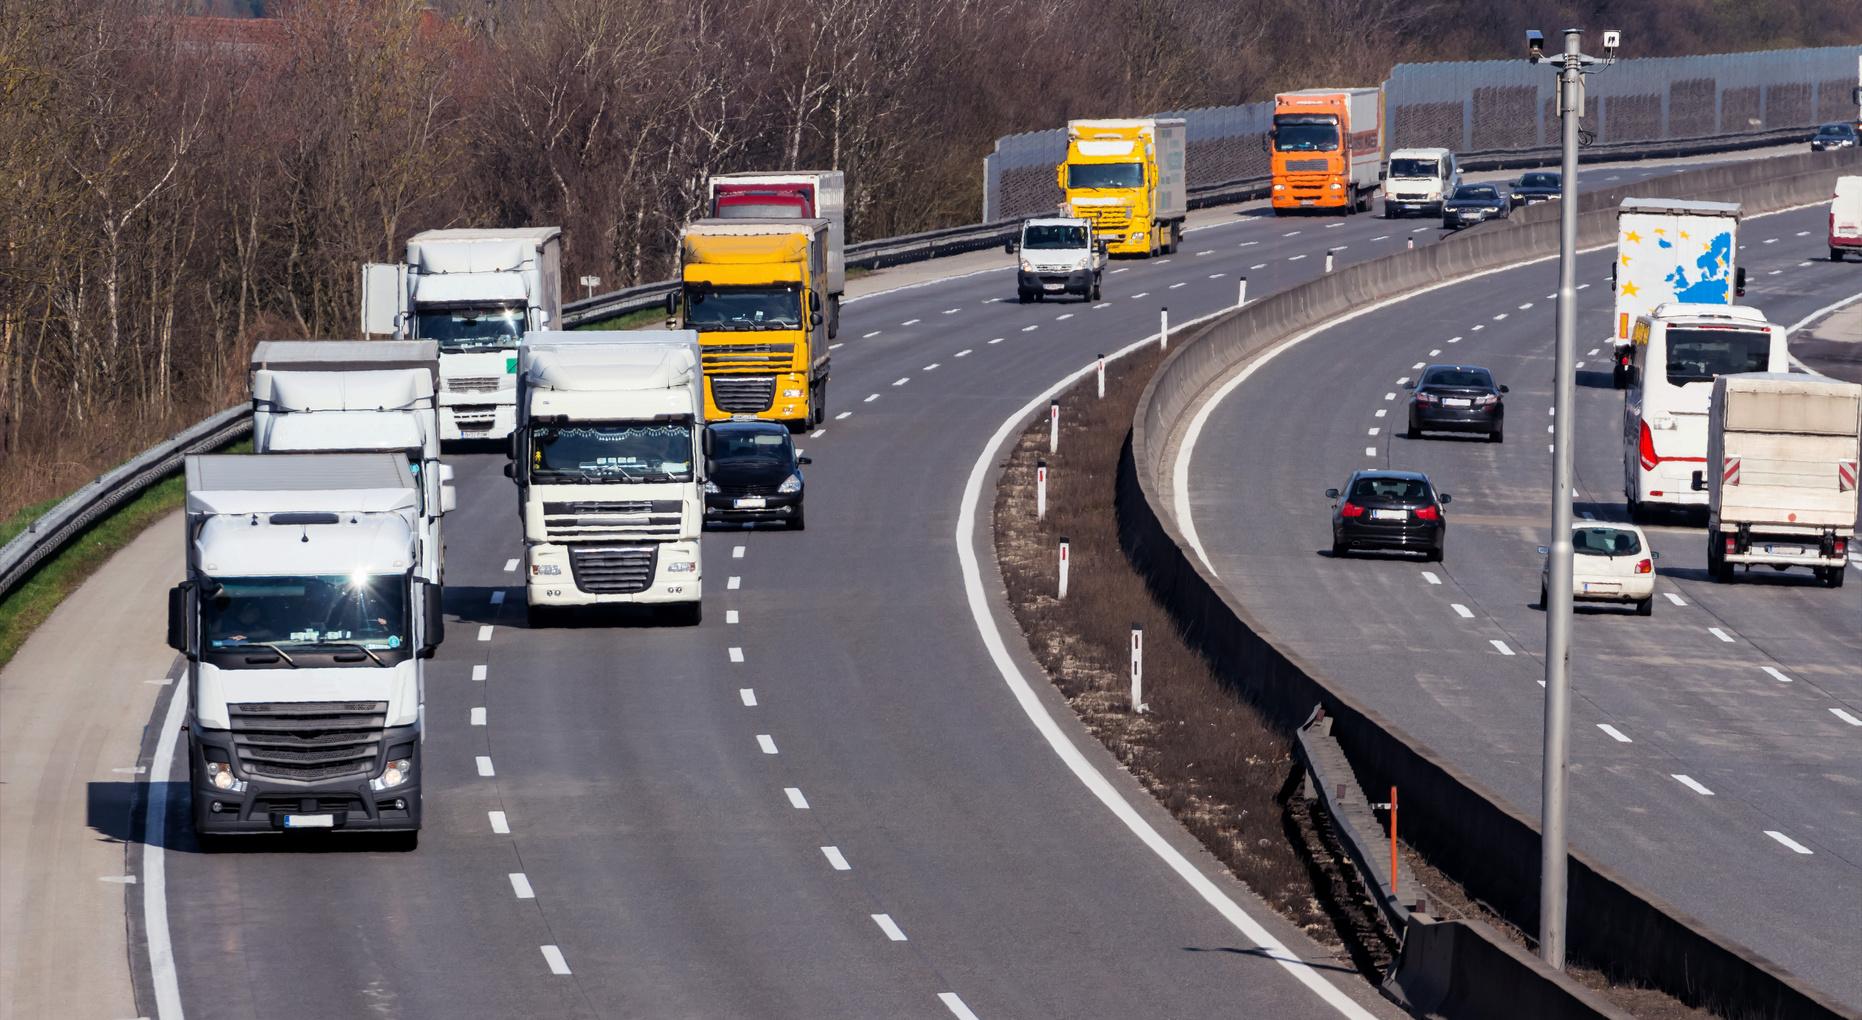 Sondaggio DKV sulla convivenza tra camionisti e automobilisti